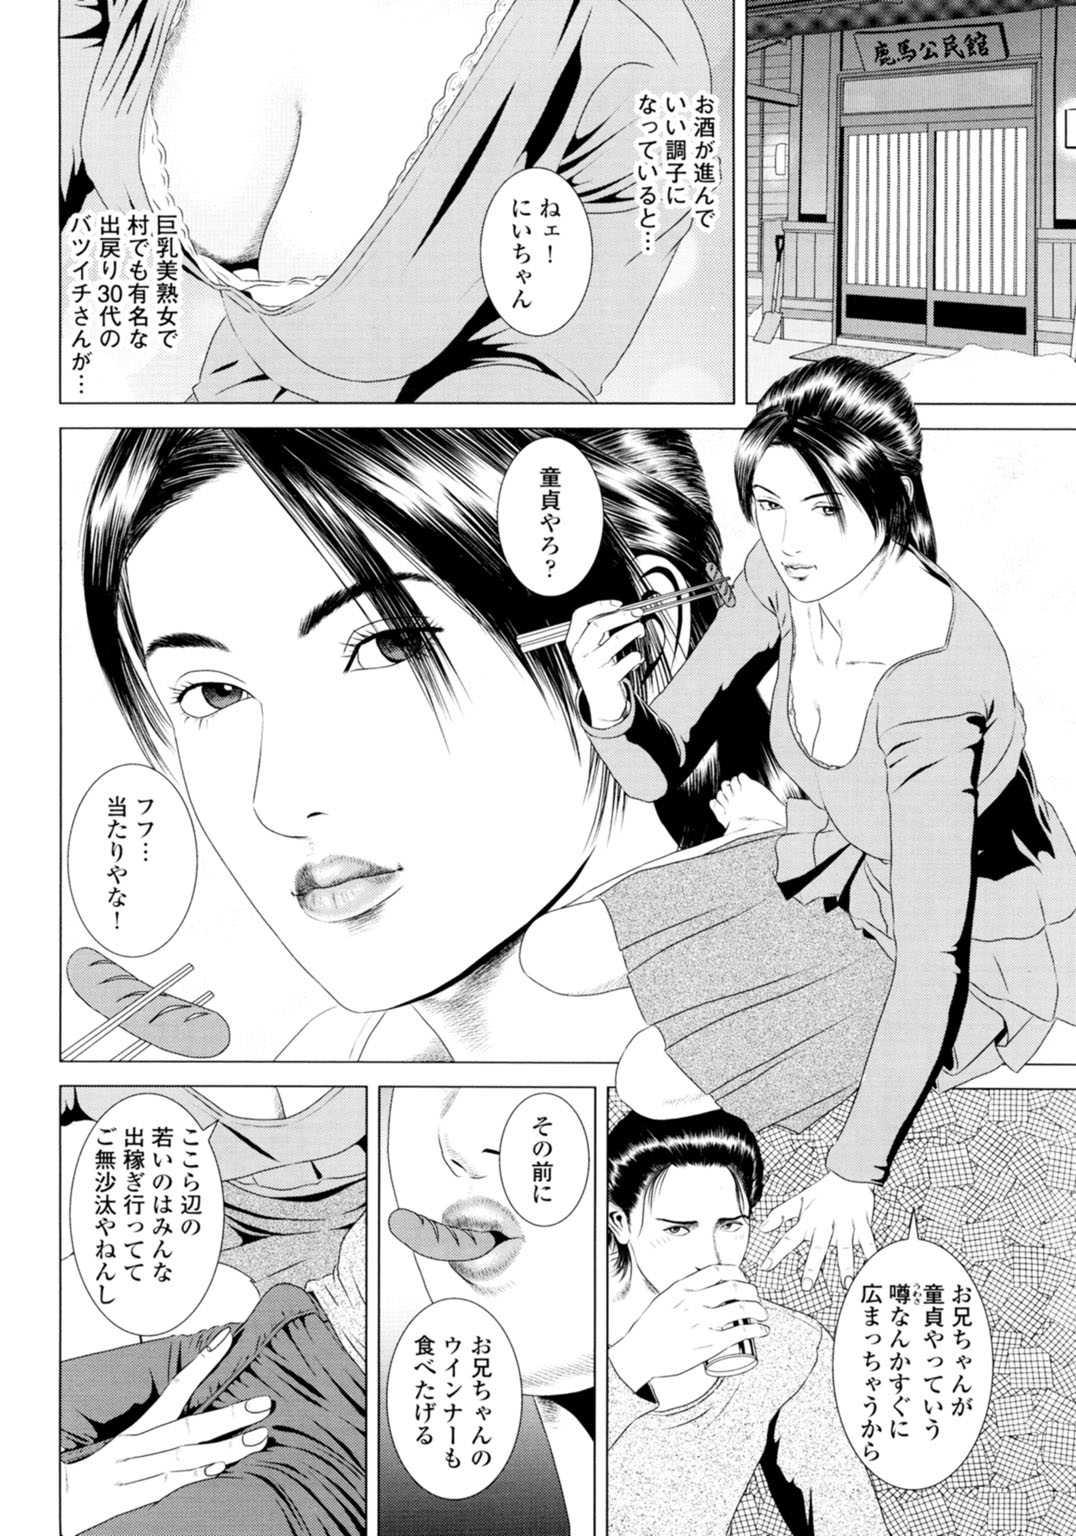 【エロ漫画】美人な人妻熟女にされるがまま筆下ろしされてしまうwww